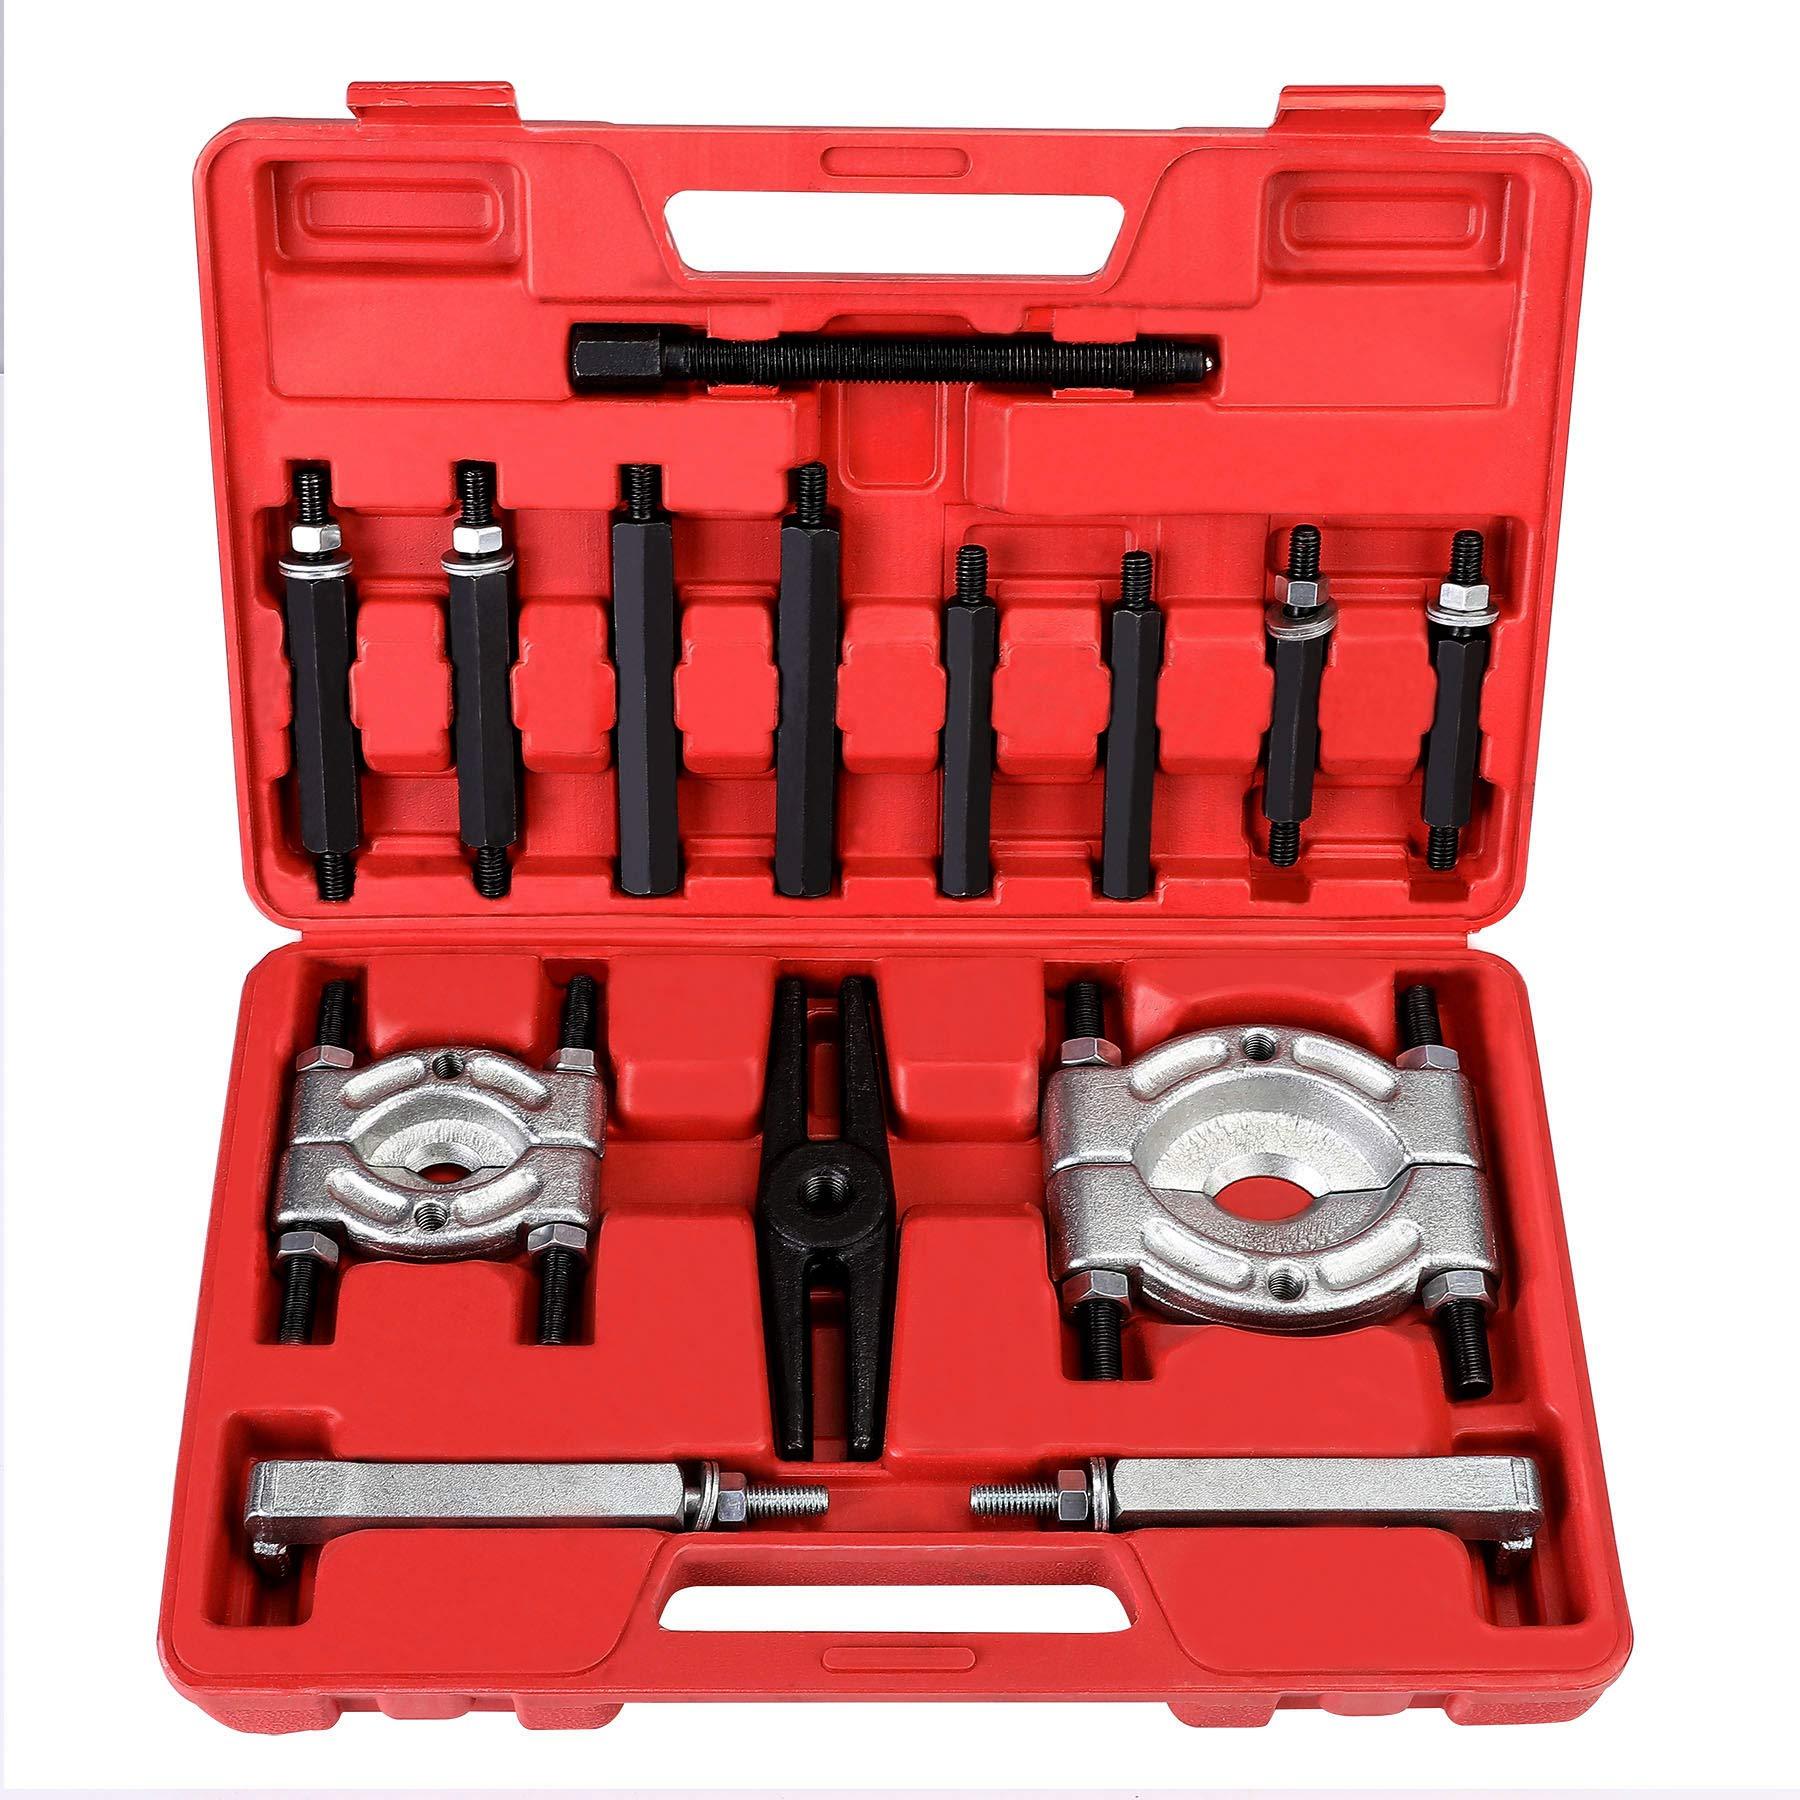 OrionMotorTech Bearing Puller | 5-Ton-Capacity Bearing Separator | Wheel Hub Axle Puller | Pinion Bearing Removal Tool Kit | Bearing Splitter